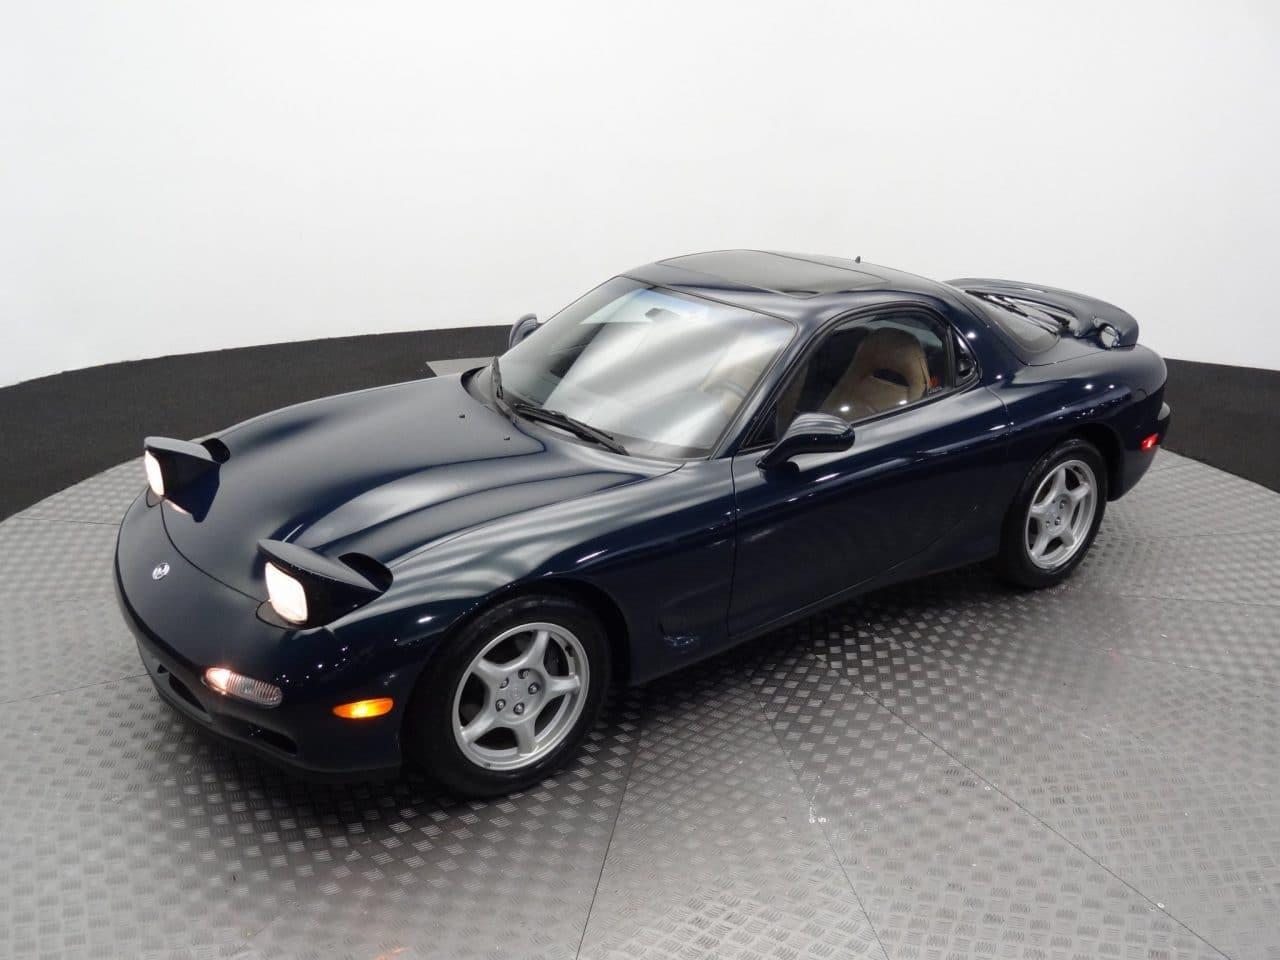 Mazda RX-7 vendue 70 000 dollars aux enchères